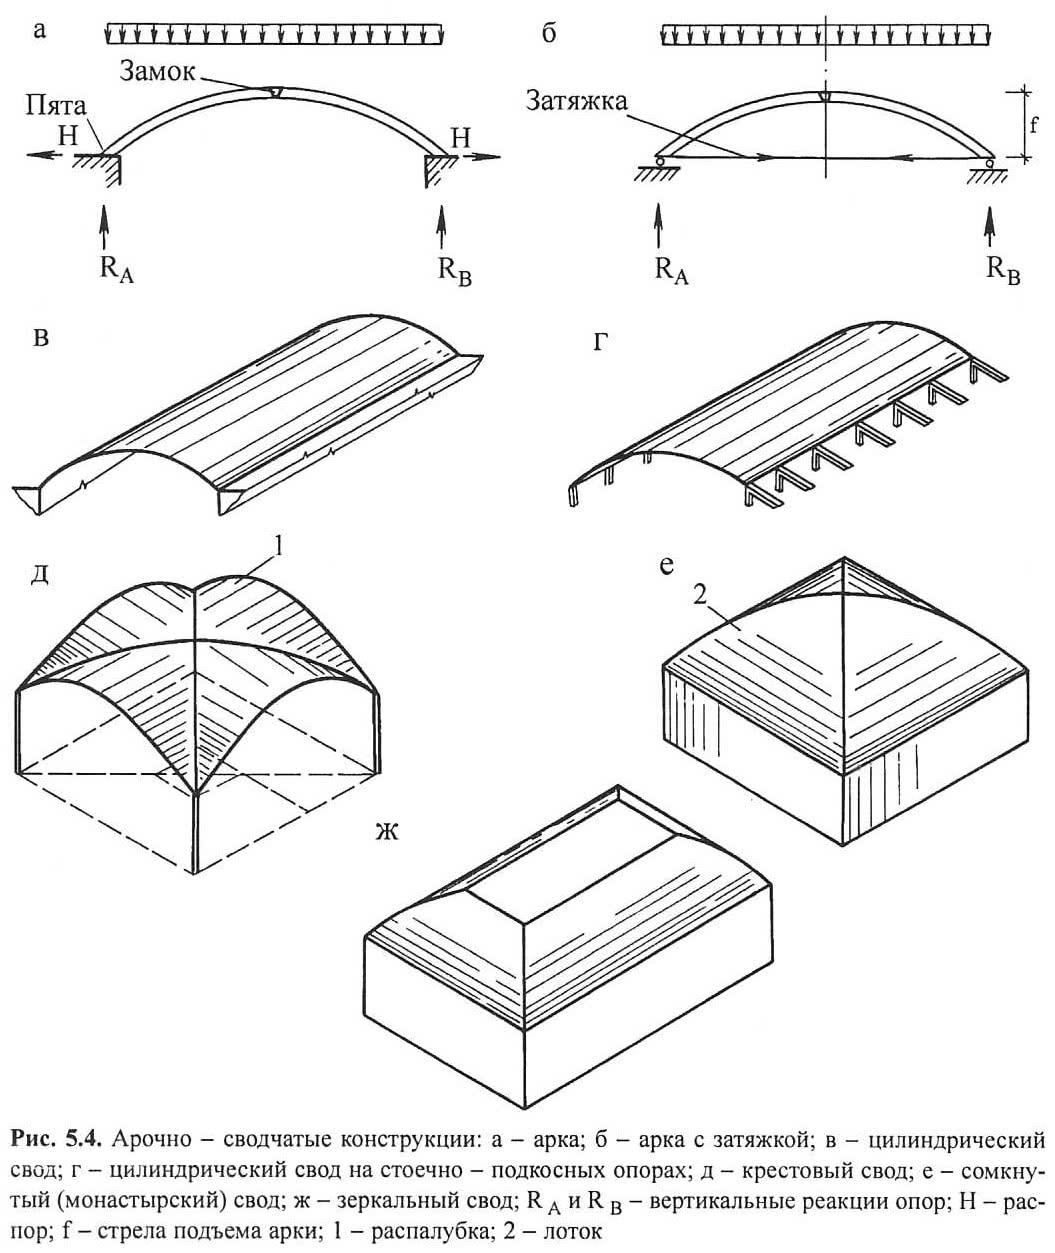 Рис. 5.4. Арочно-сводчатые конструкции